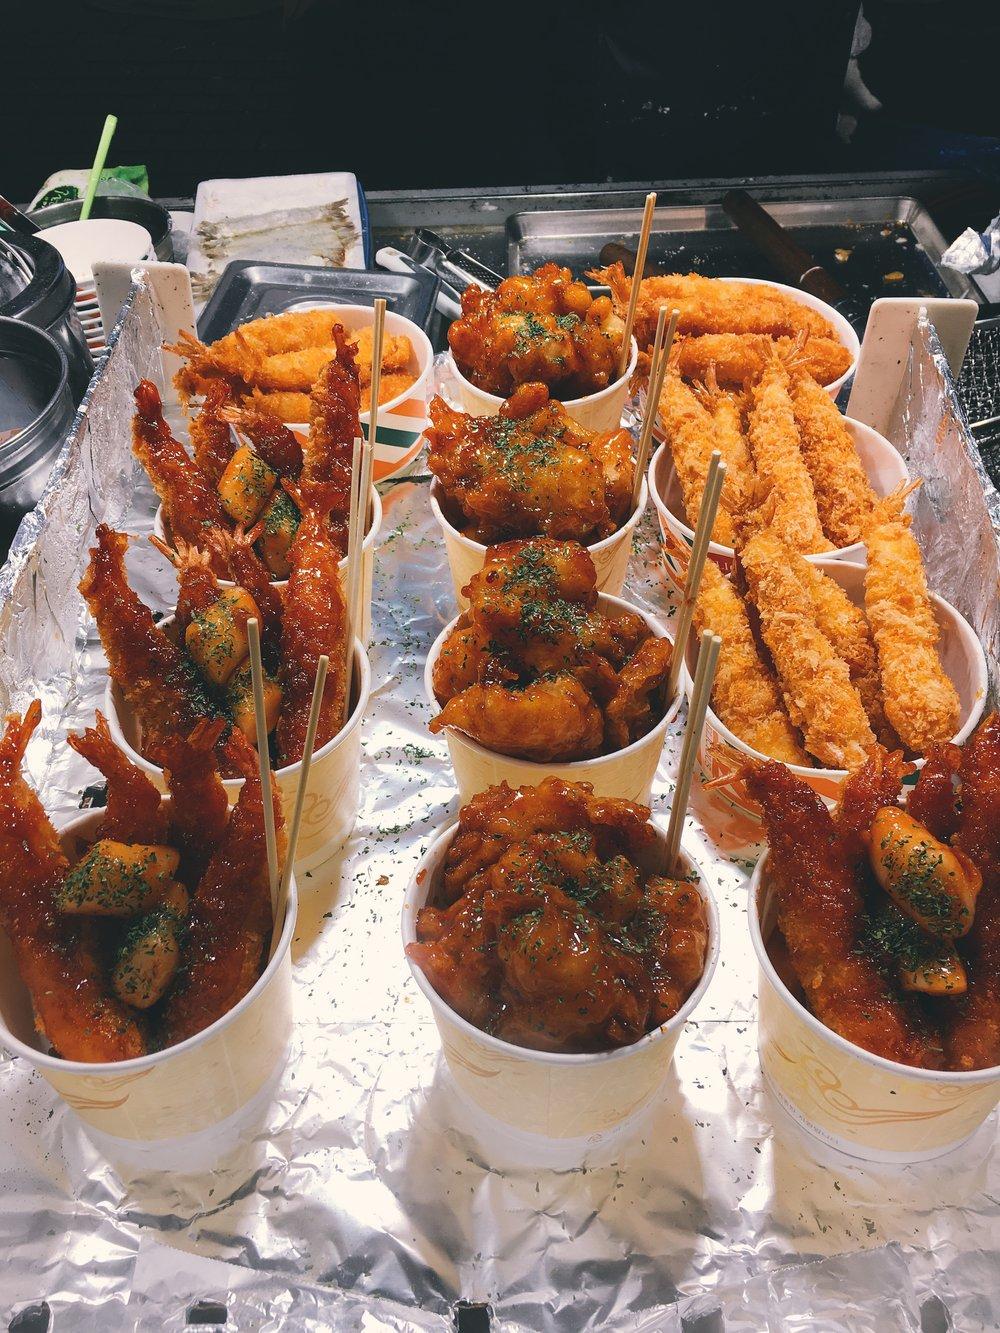 Myeong-dong Street Food